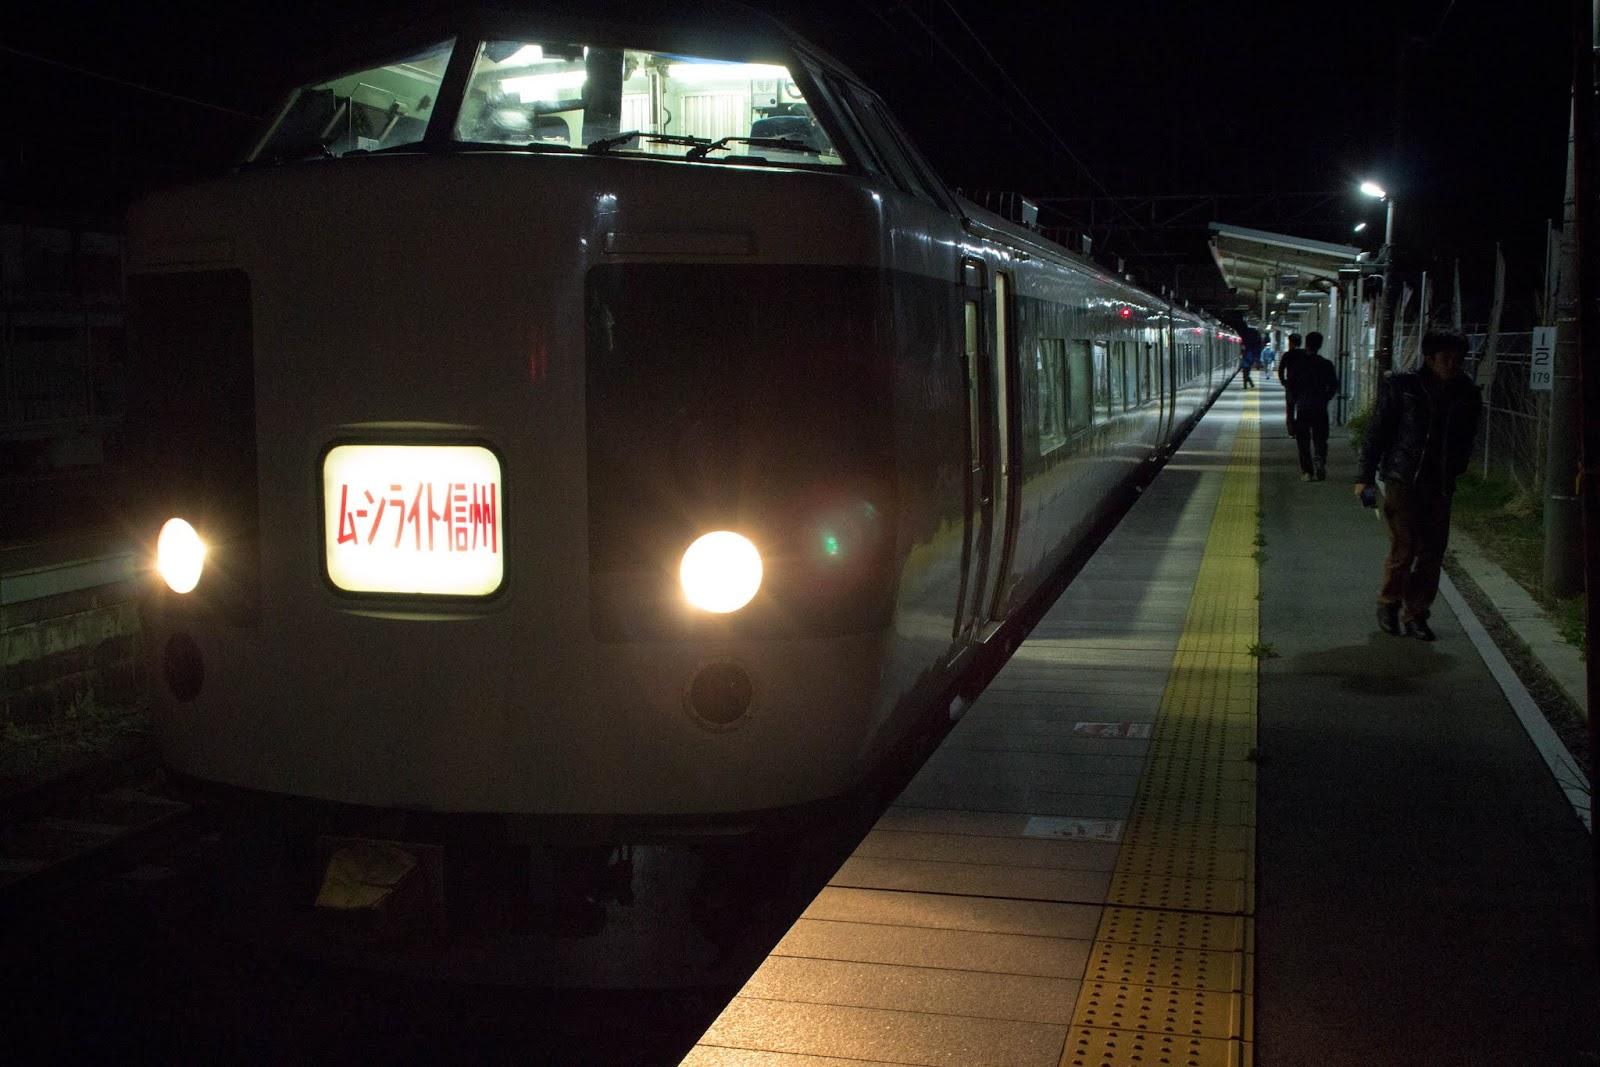 3:30 富士見駅で前面を撮影